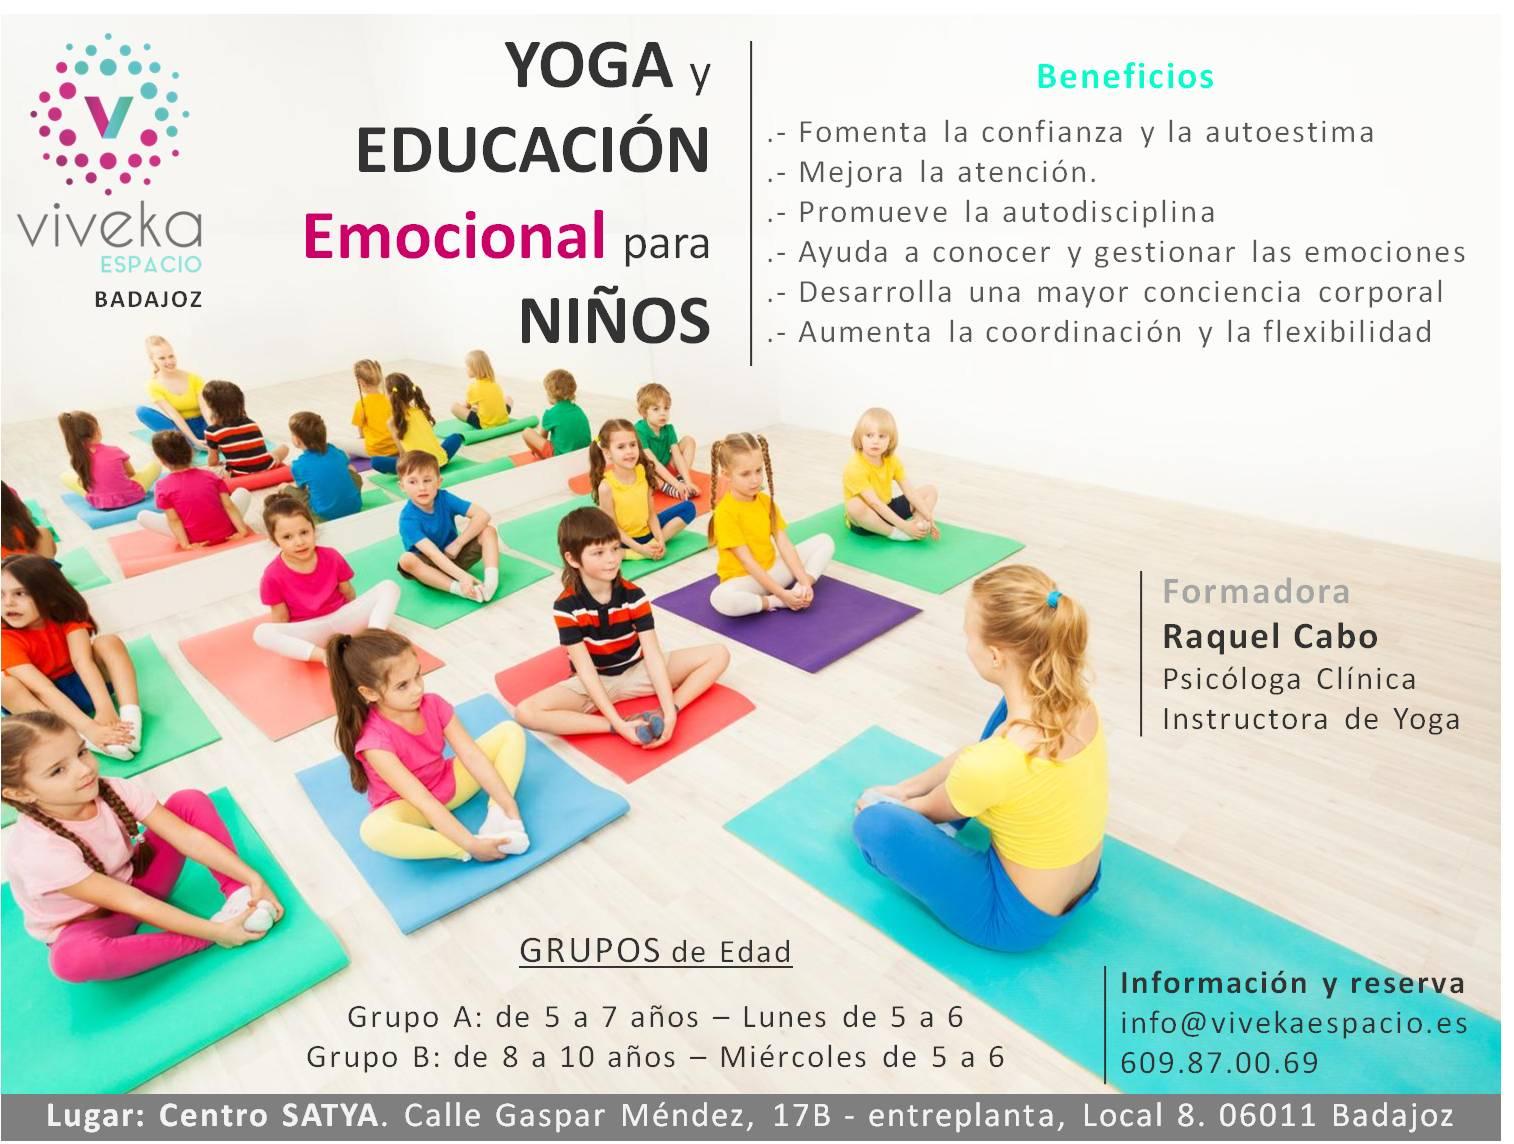 Yoga y Educación Emocional para NIÑOS 2d9f0be6d449